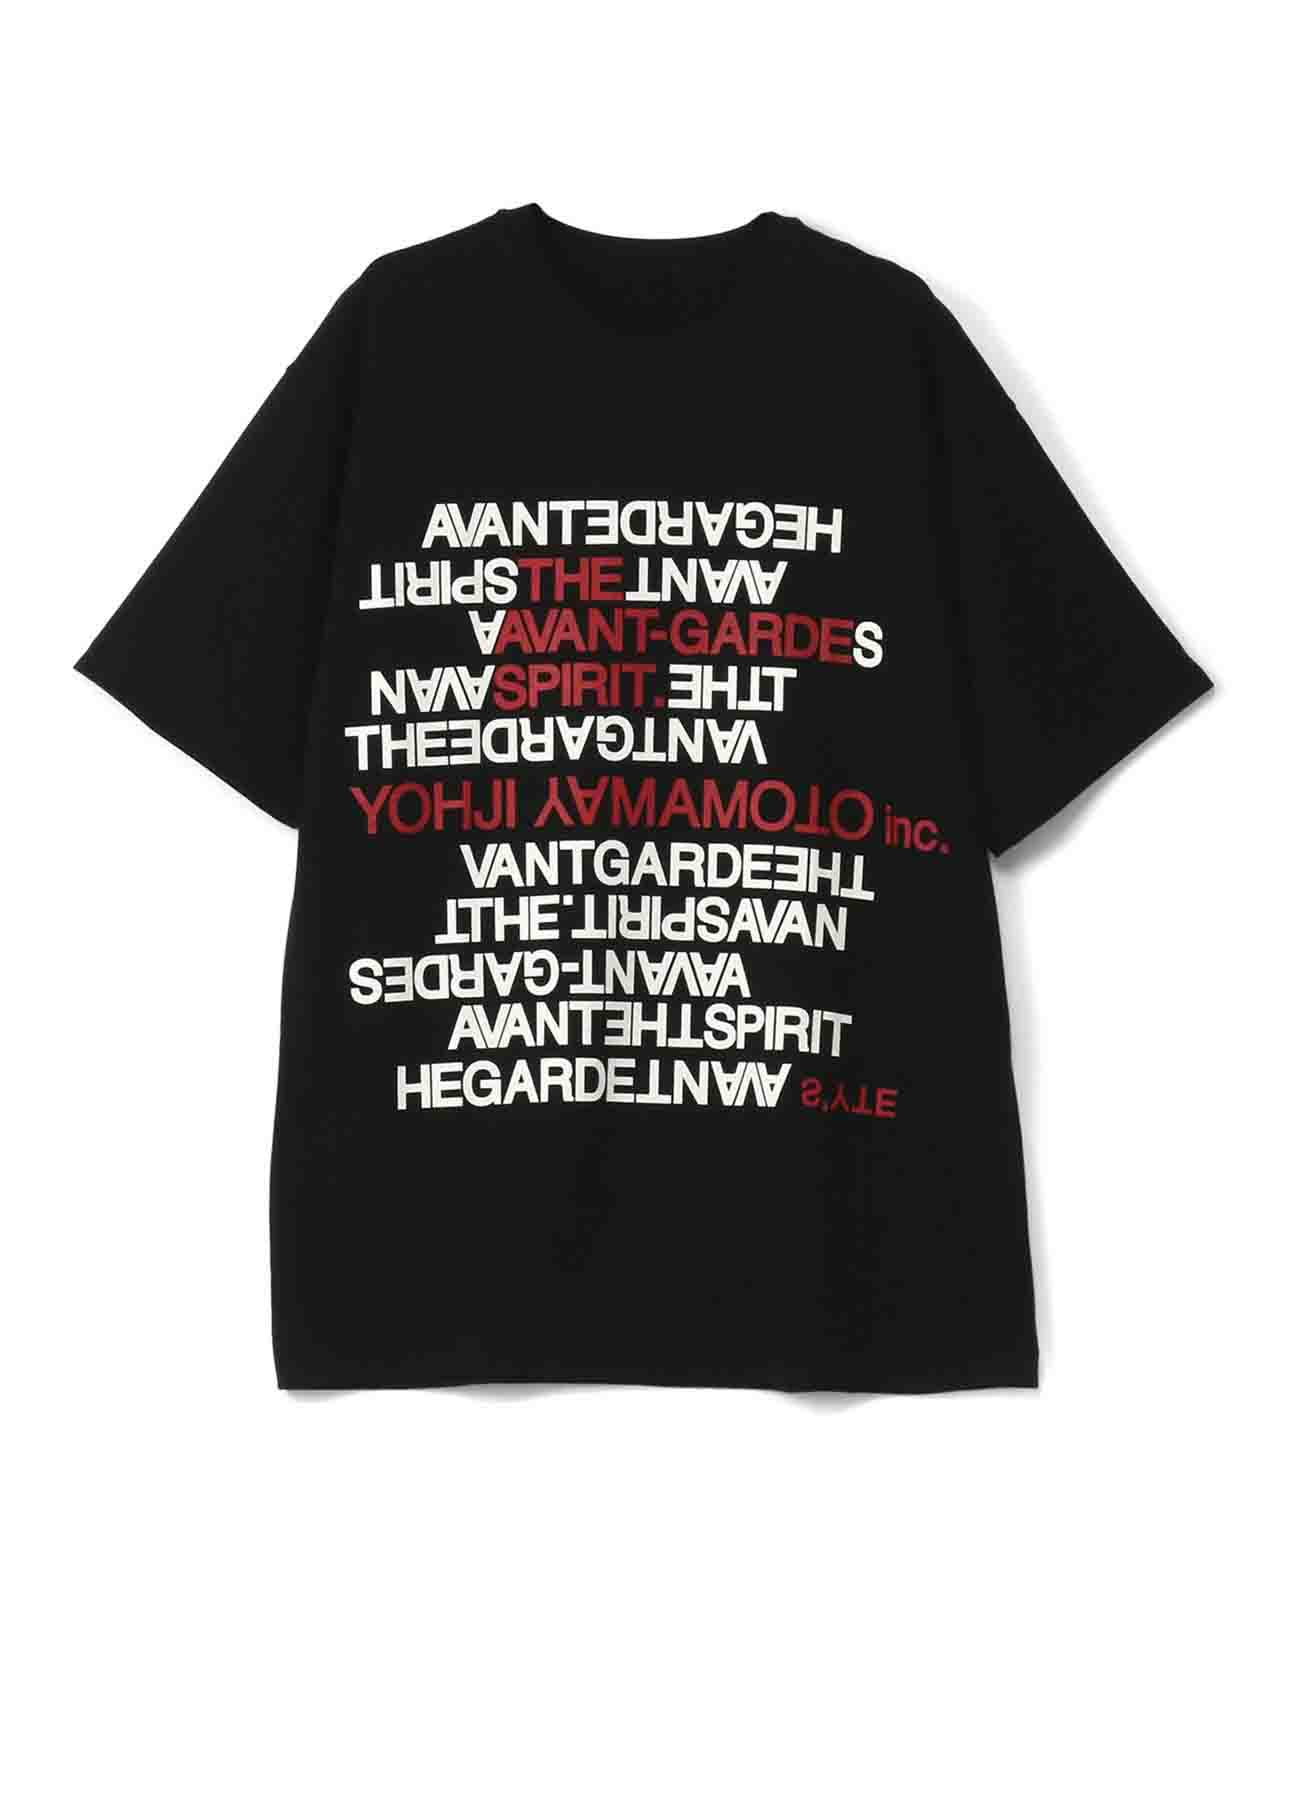 20/CottonJersey  The Avant-Garde Spirit T-Shirt